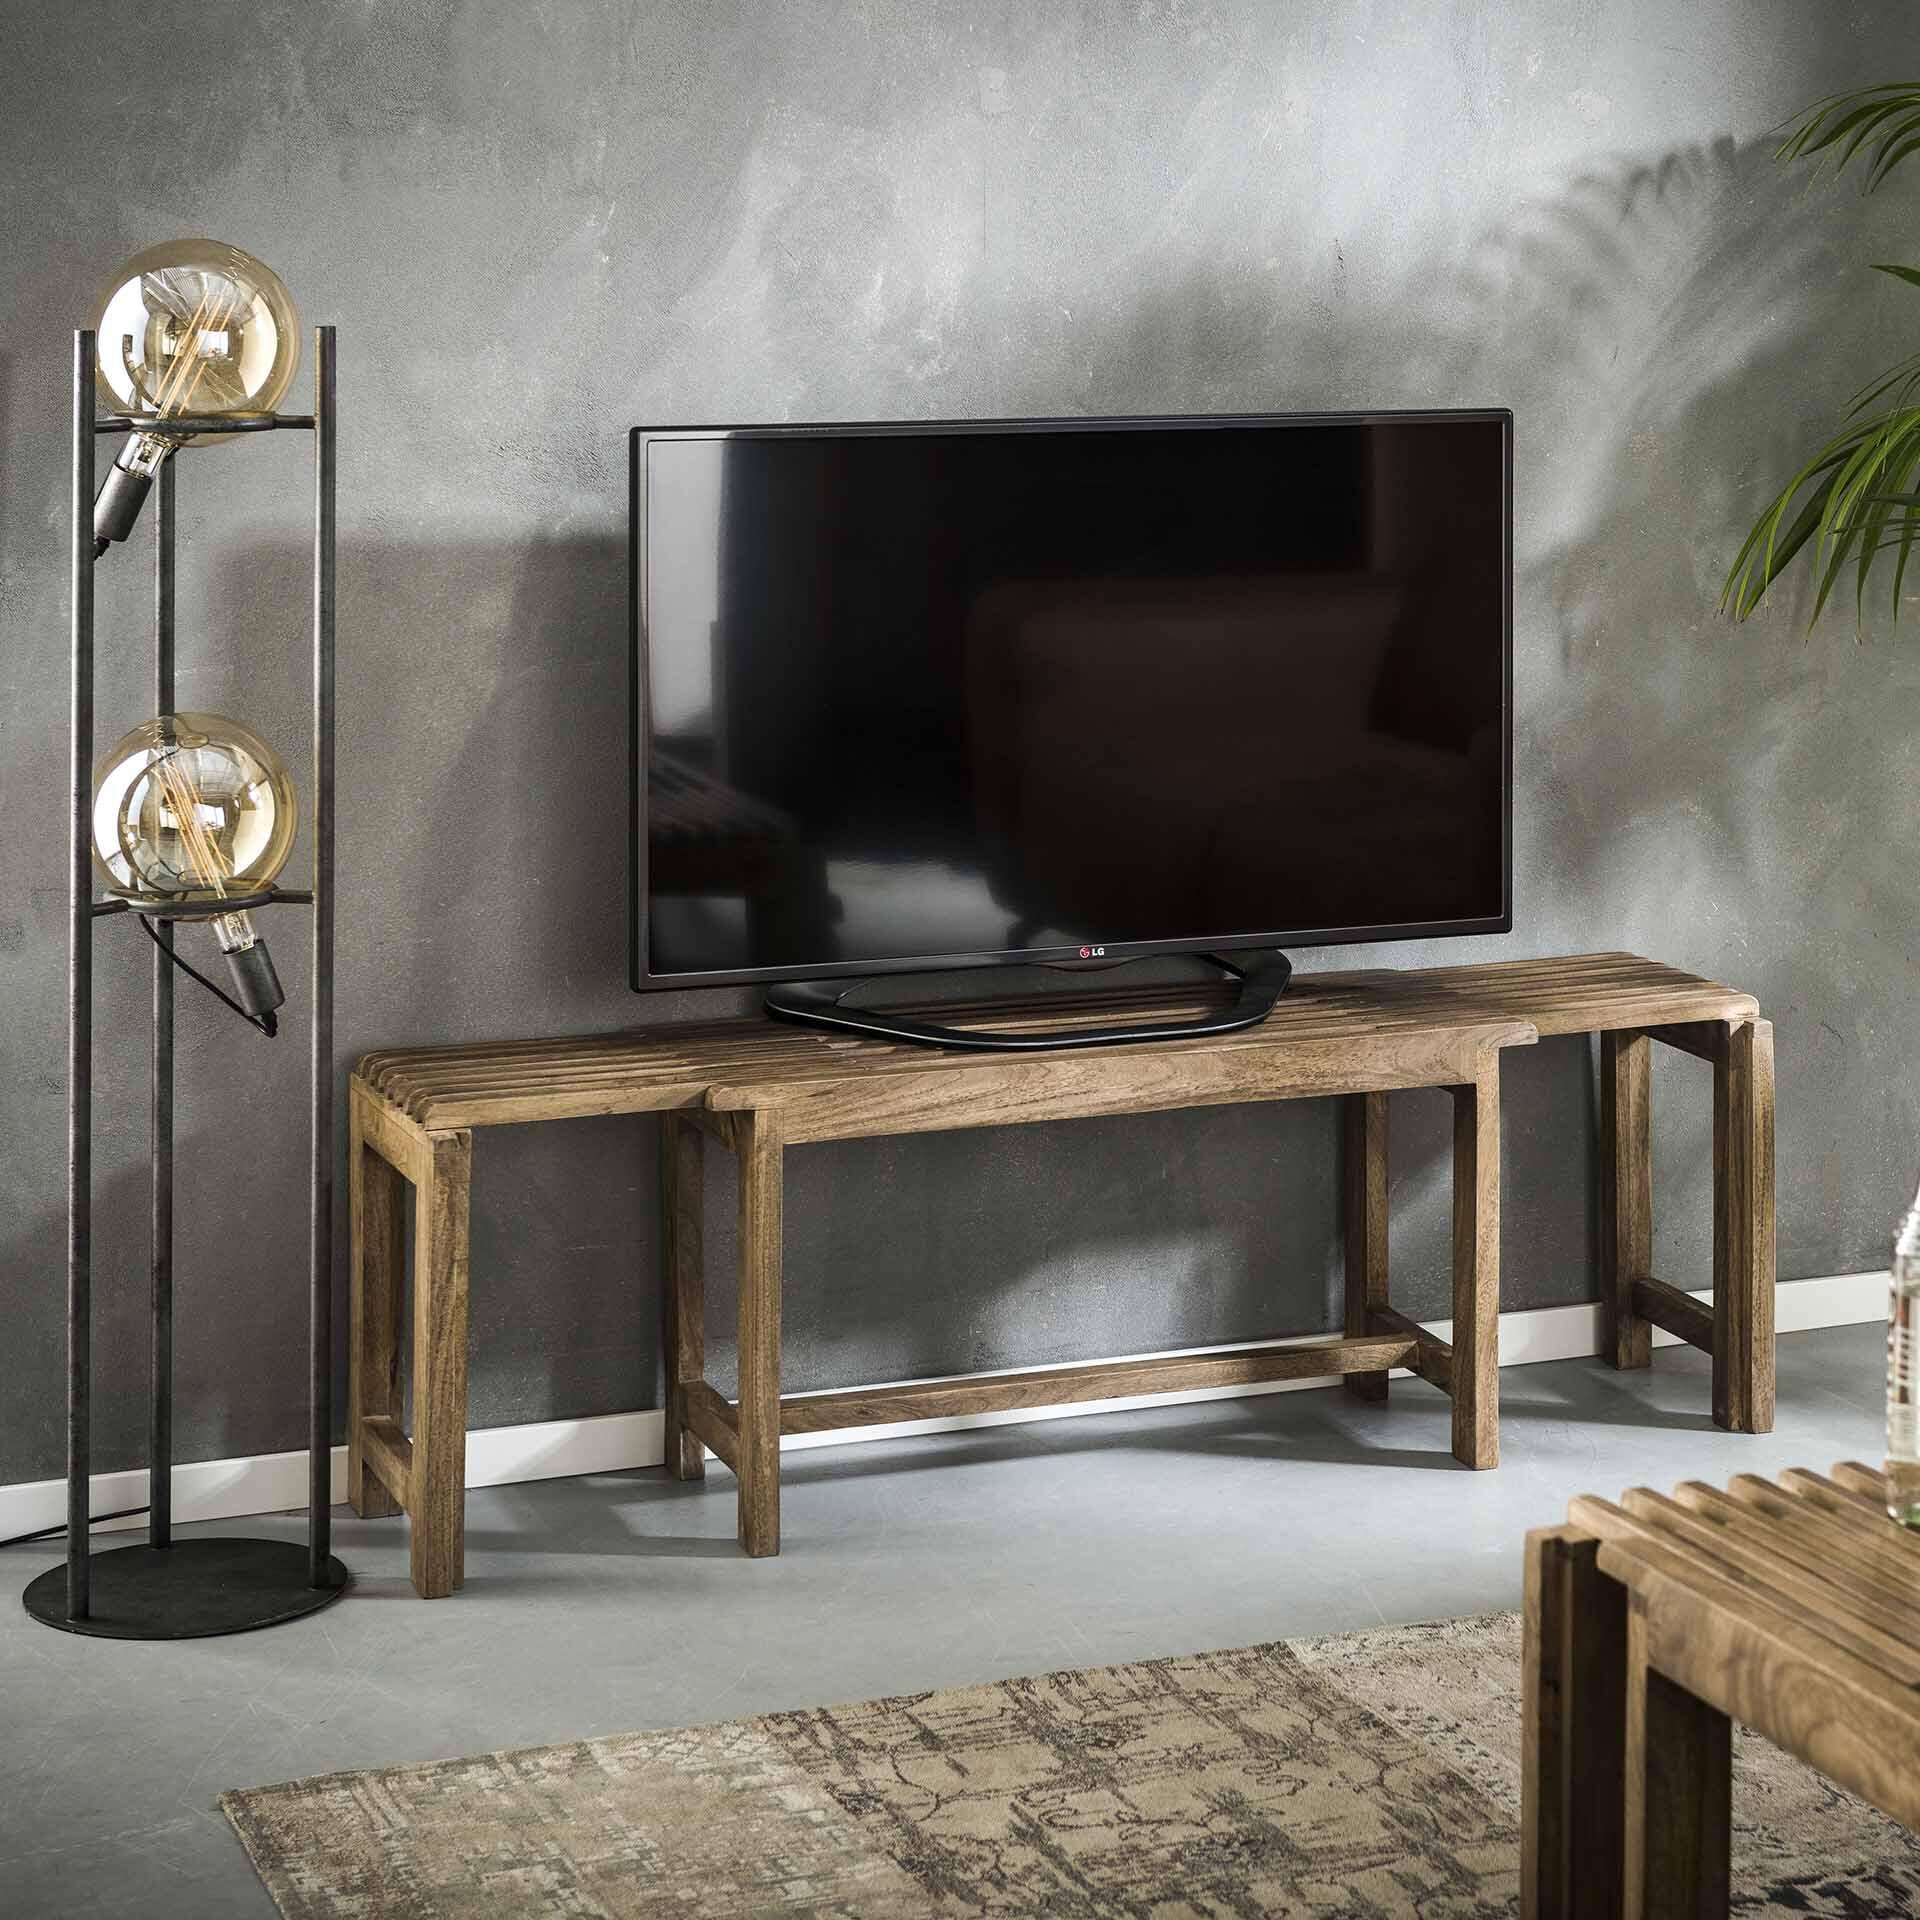 TV-meubel 'Tristan' 153cm Kasten | Tv-Meubels & Tv-Kasten vergelijken doe je het voordeligst hier bij Meubelpartner